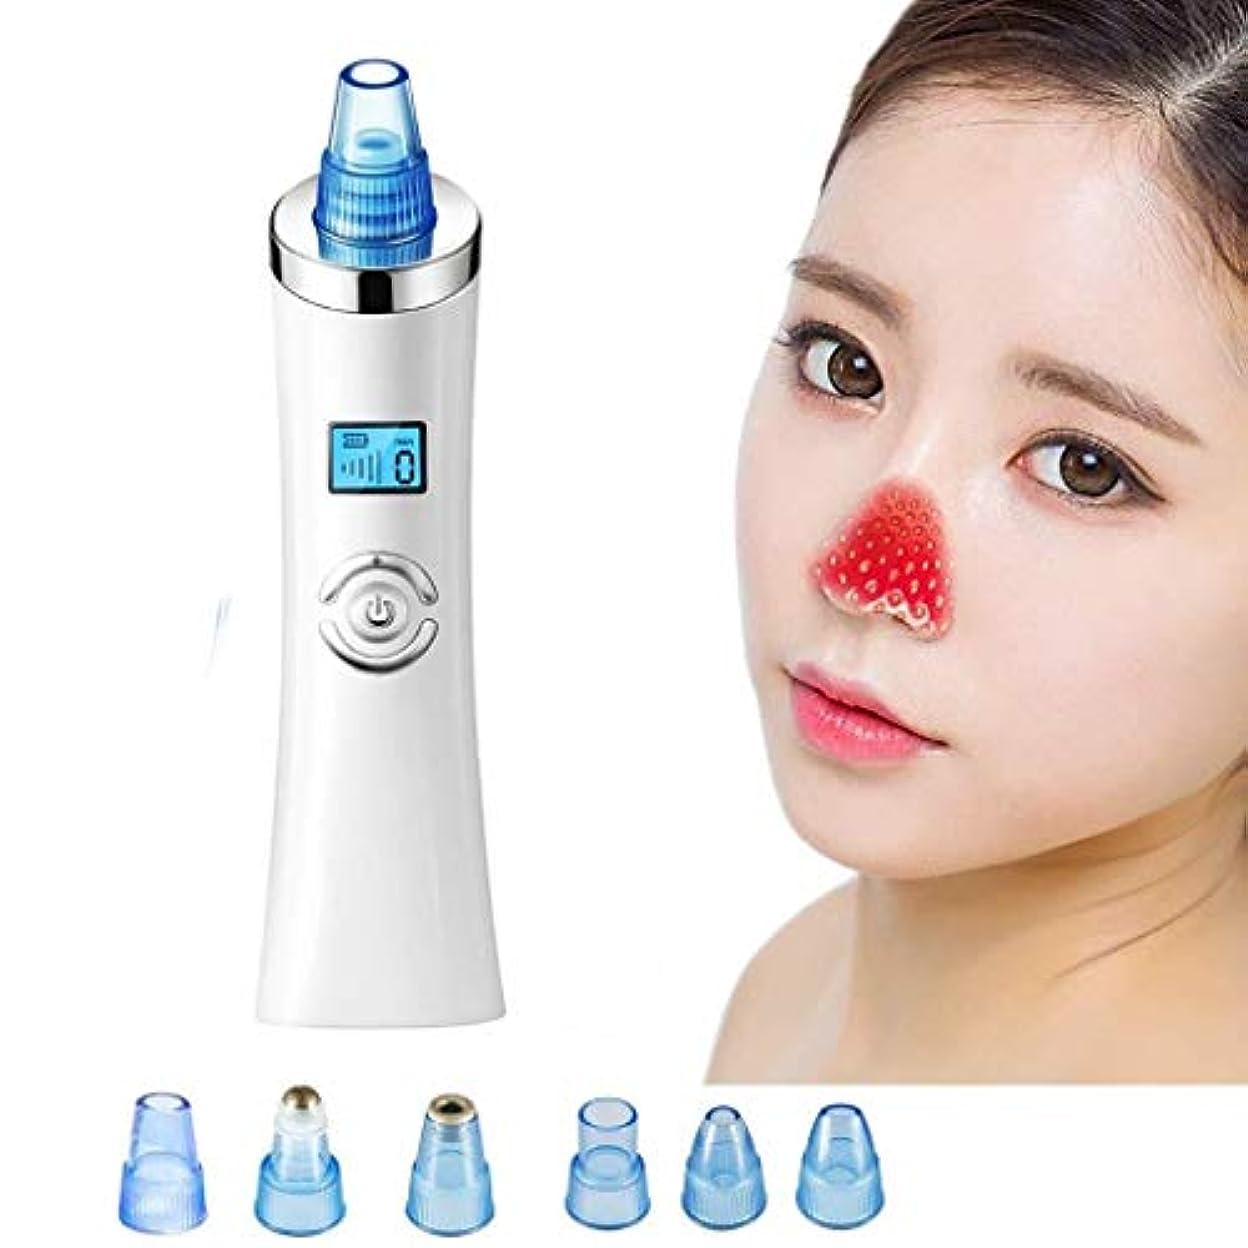 寸前いじめっ子悪性にきび除去剤、毛穴クレンザー掃除機電気顔にきび除去剤抽出ツール6交換可能なヘッド充電式にきび除去